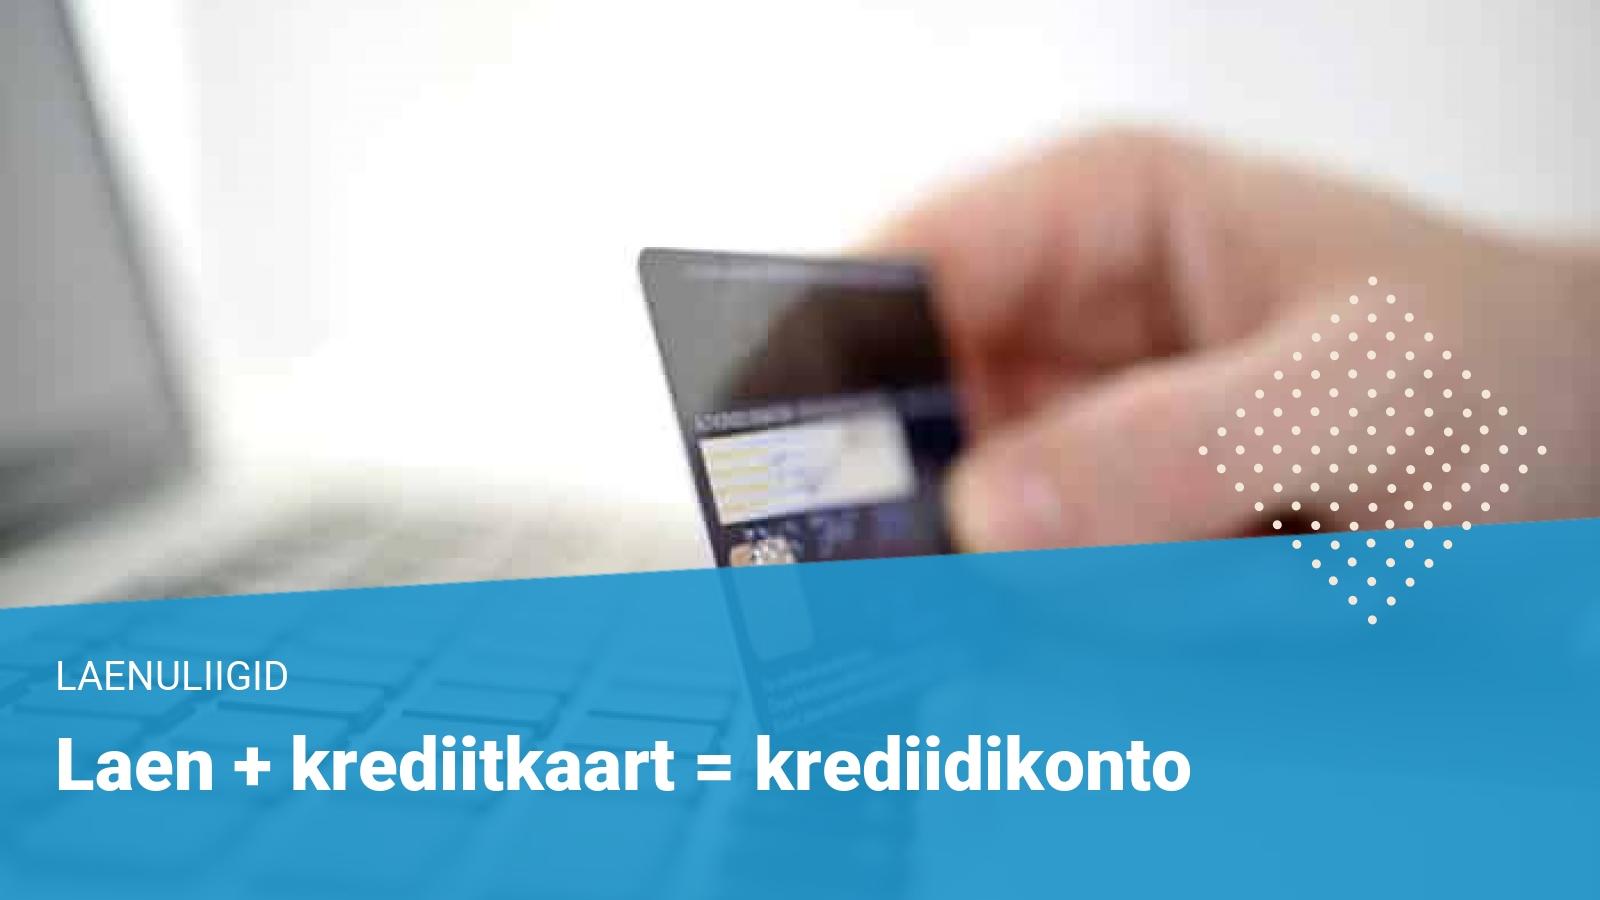 krediidikonto